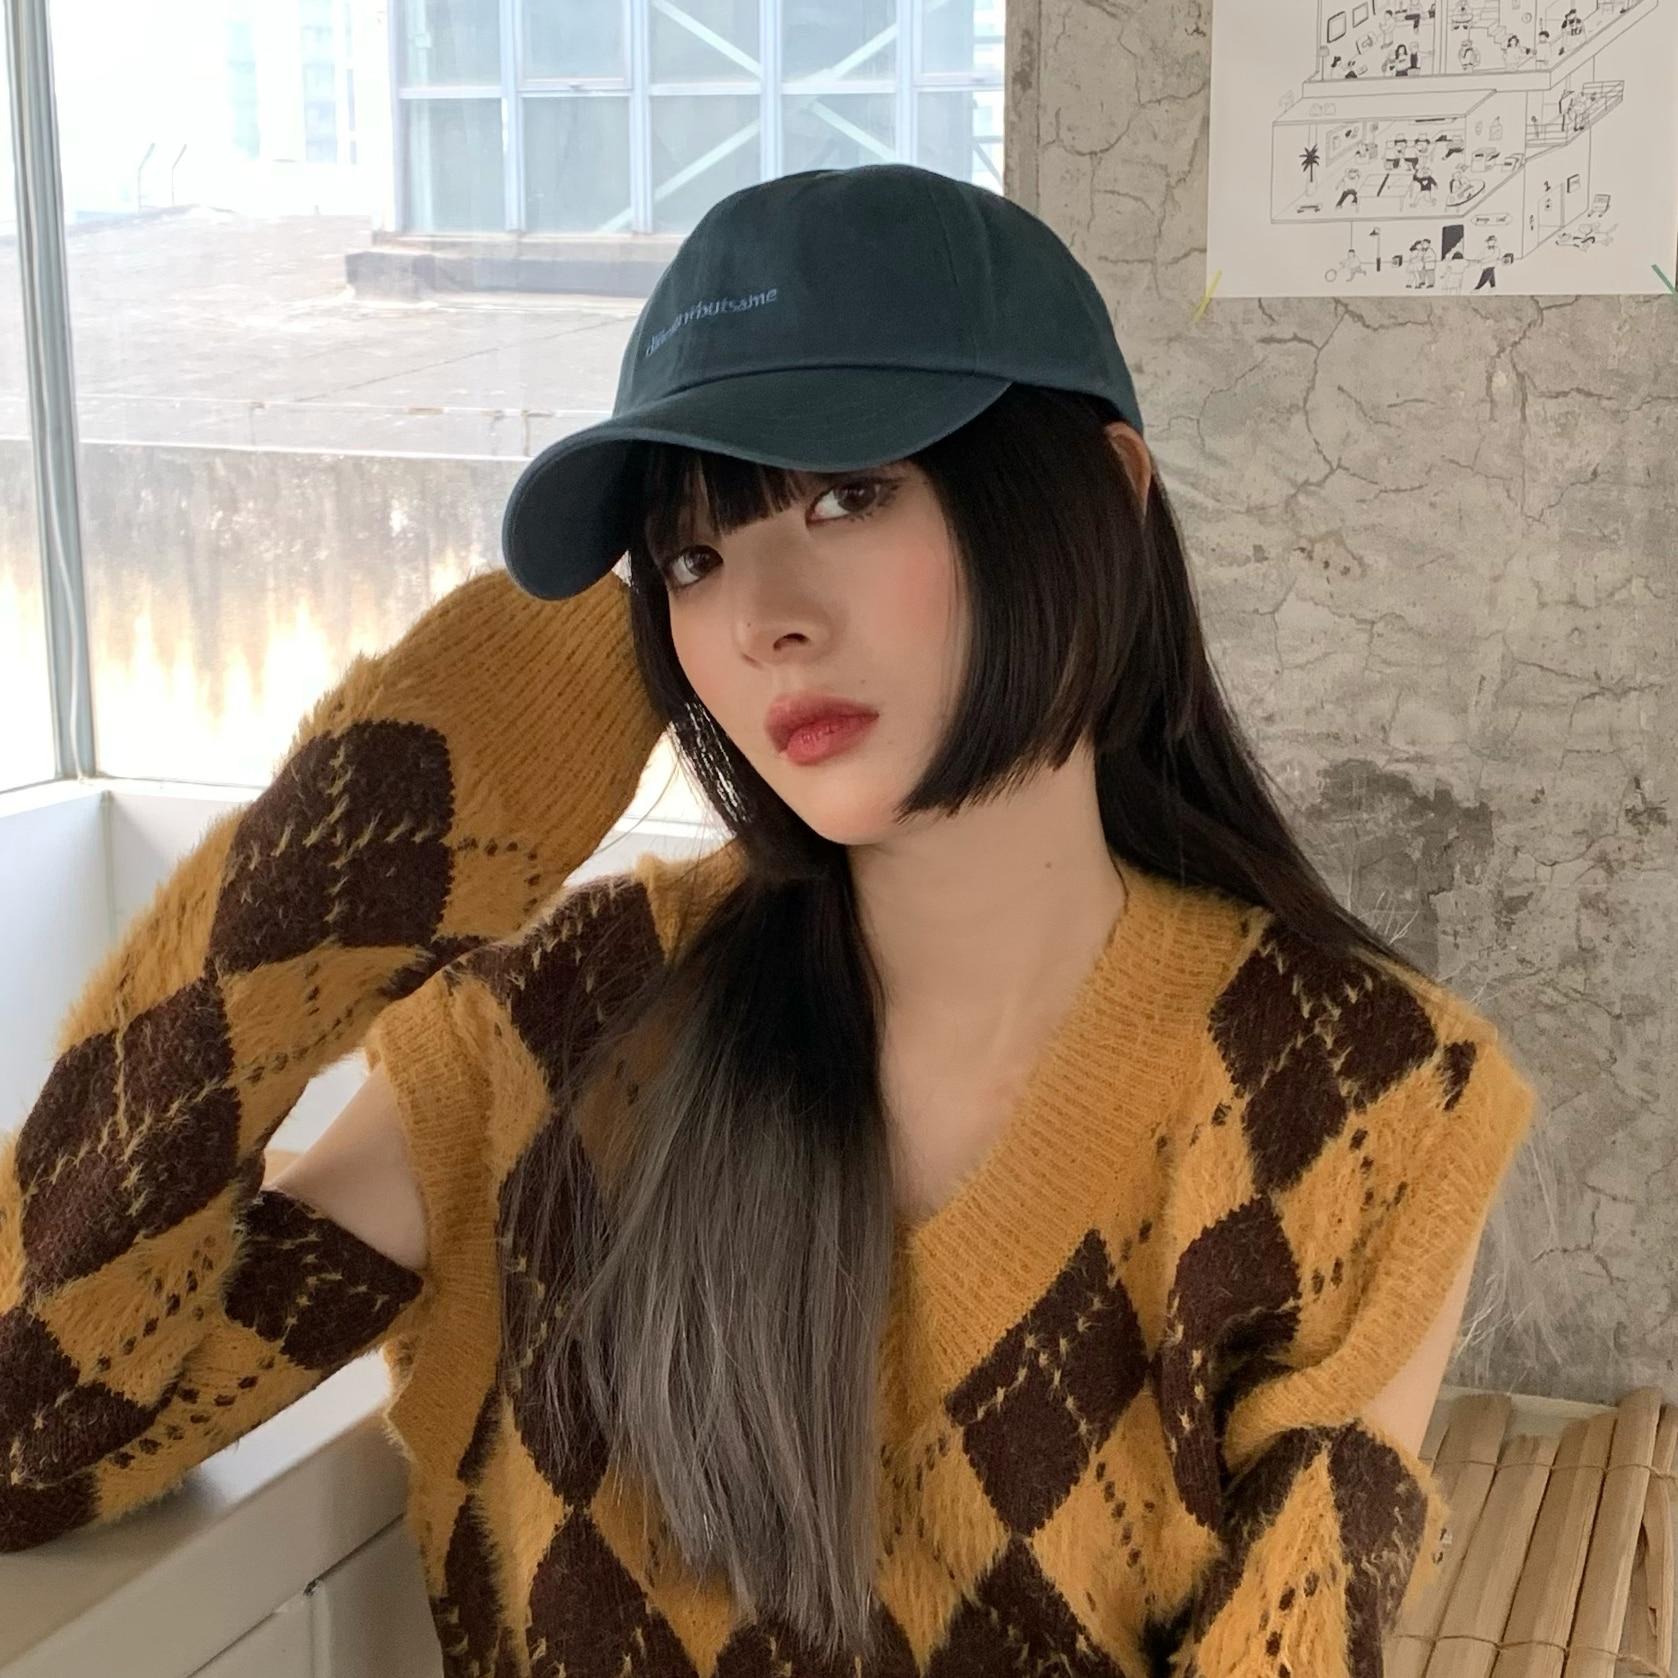 Новинка 2021, женская шляпа, корейский стиль, особый интерес, модный бренд, Кепка с козырьком, визуально показывает лицо, для учеников начально...